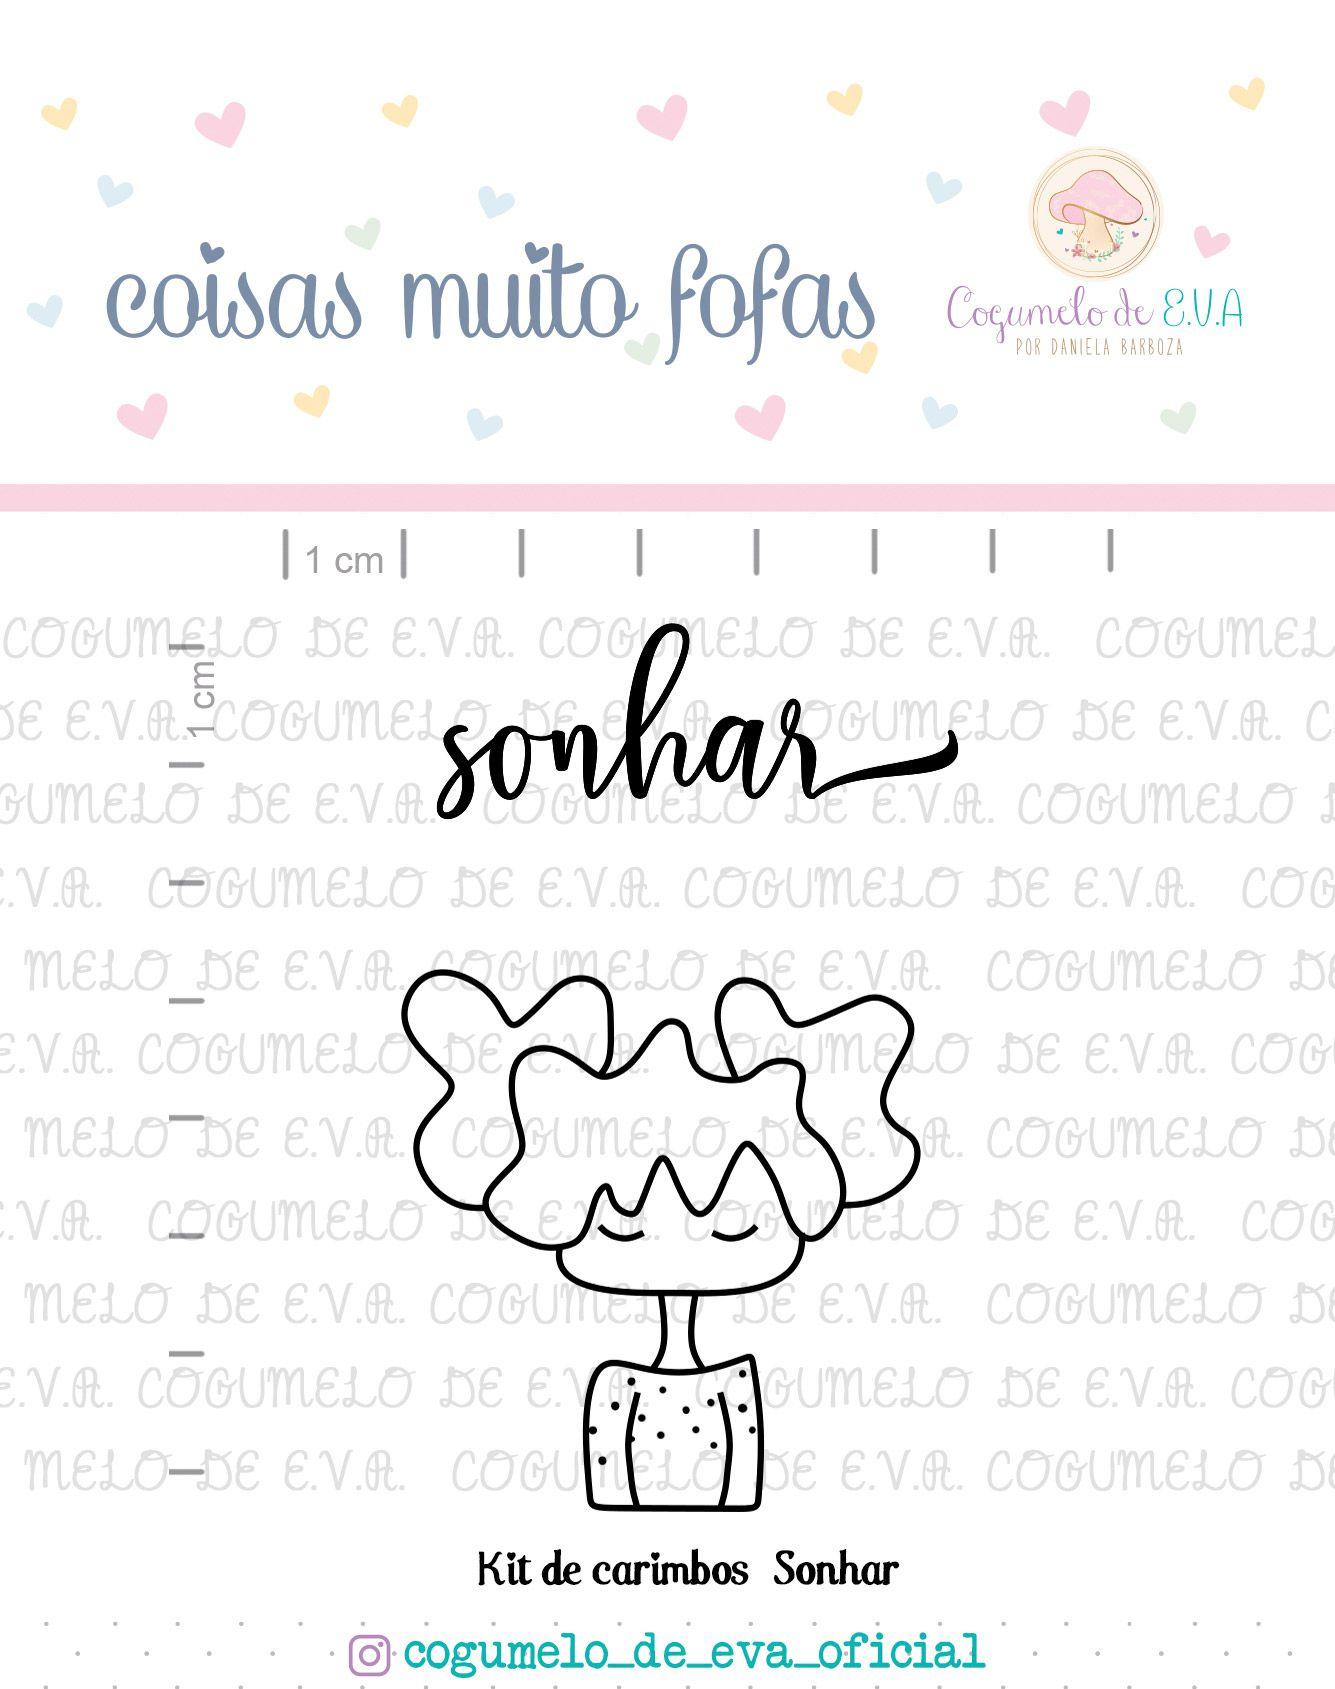 Kit de Carimbos - Sonhar - Cogumelo de E.V.A.